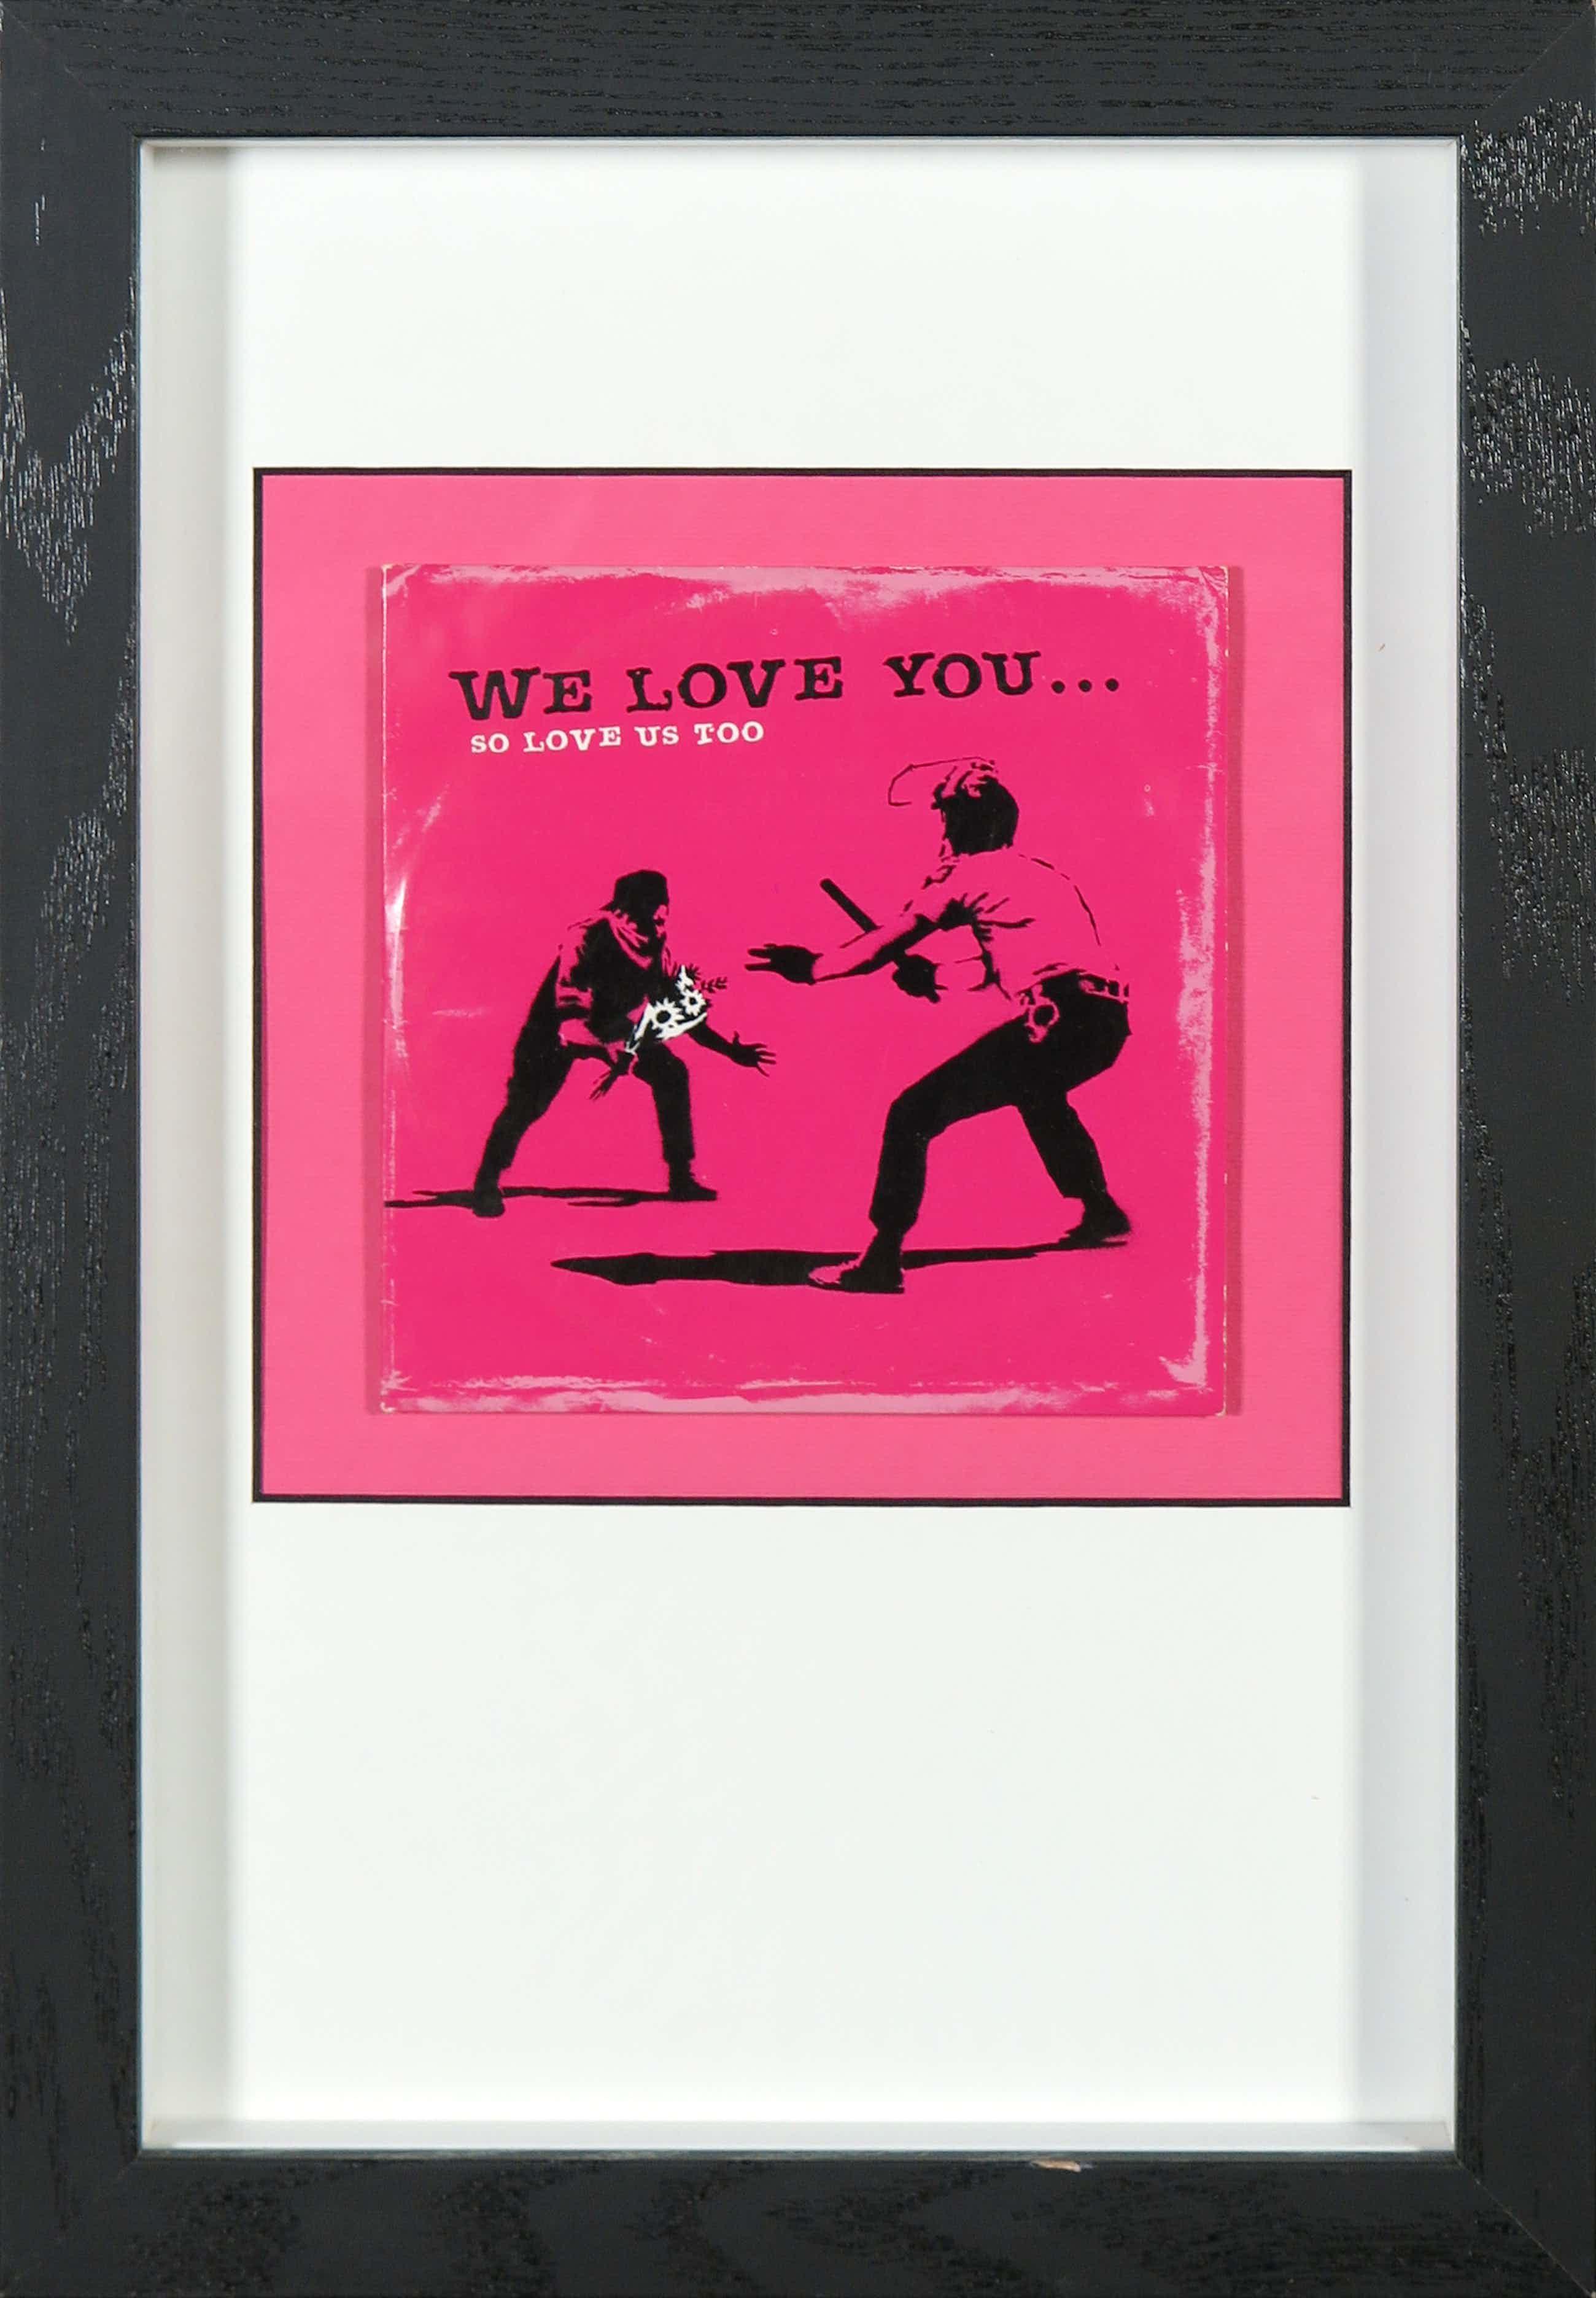 Banksy - We love you... so love us too (CD) - Ingelijst kopen? Bied vanaf 40!